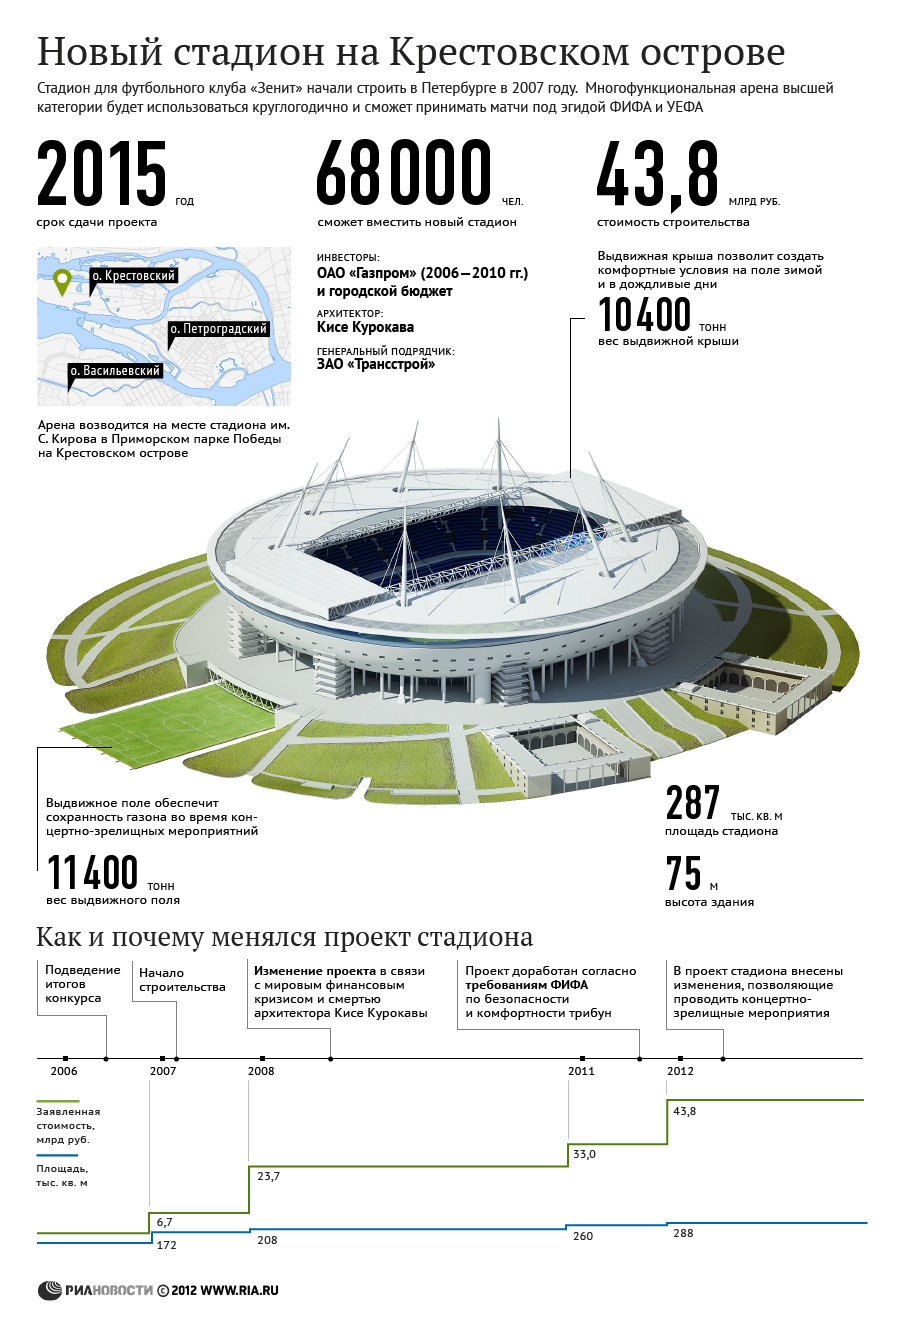 Характеристики стадиона на Крестовском острове в Петербурге